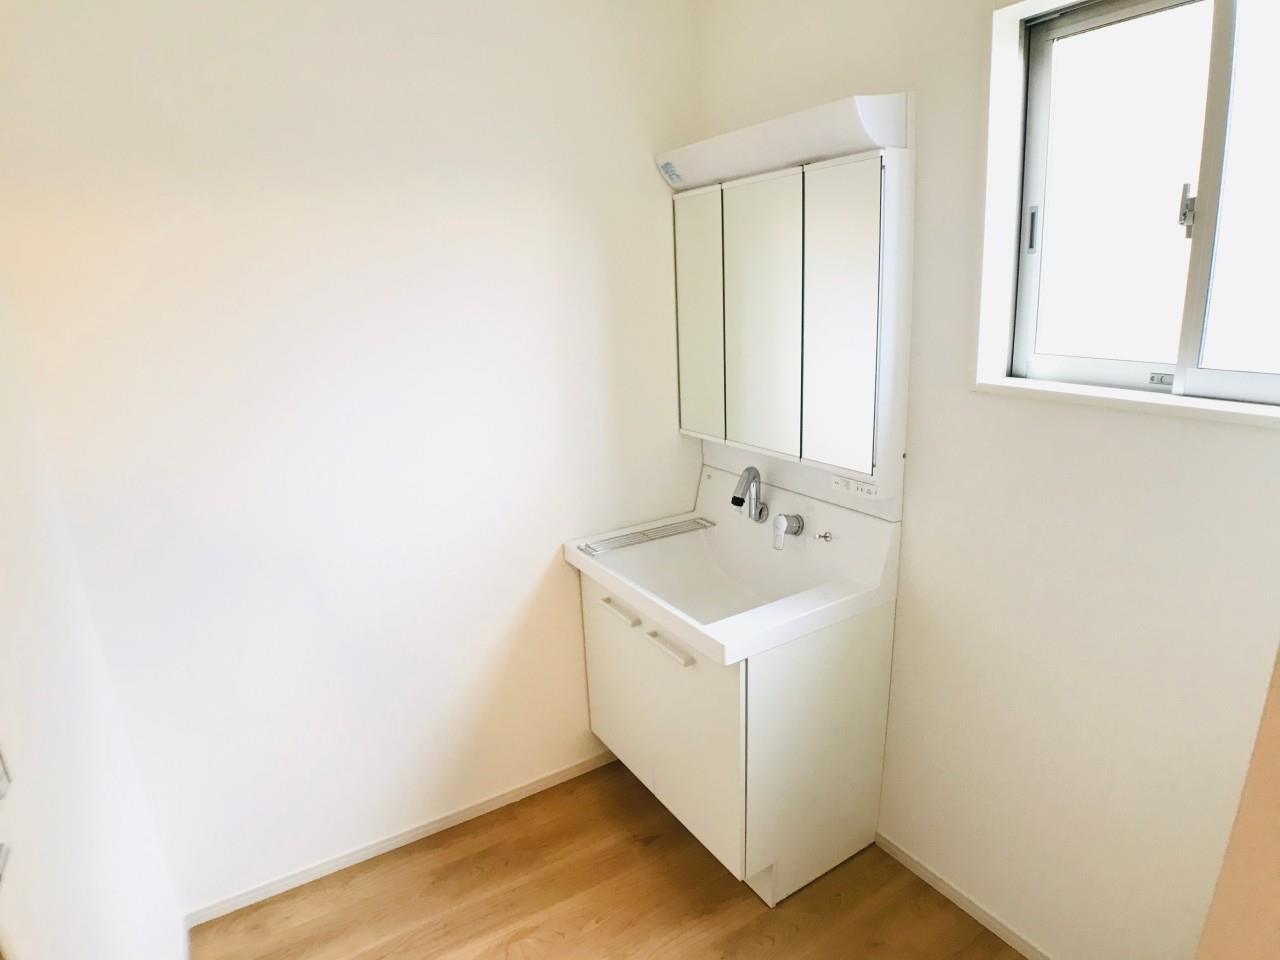 洗面台・洗面所3号棟|3面鏡が収納として使えるシャワー付き洗面化粧台。スプレーやコンタクトの洗浄液など、背の高い物もスッキリ収納できます!